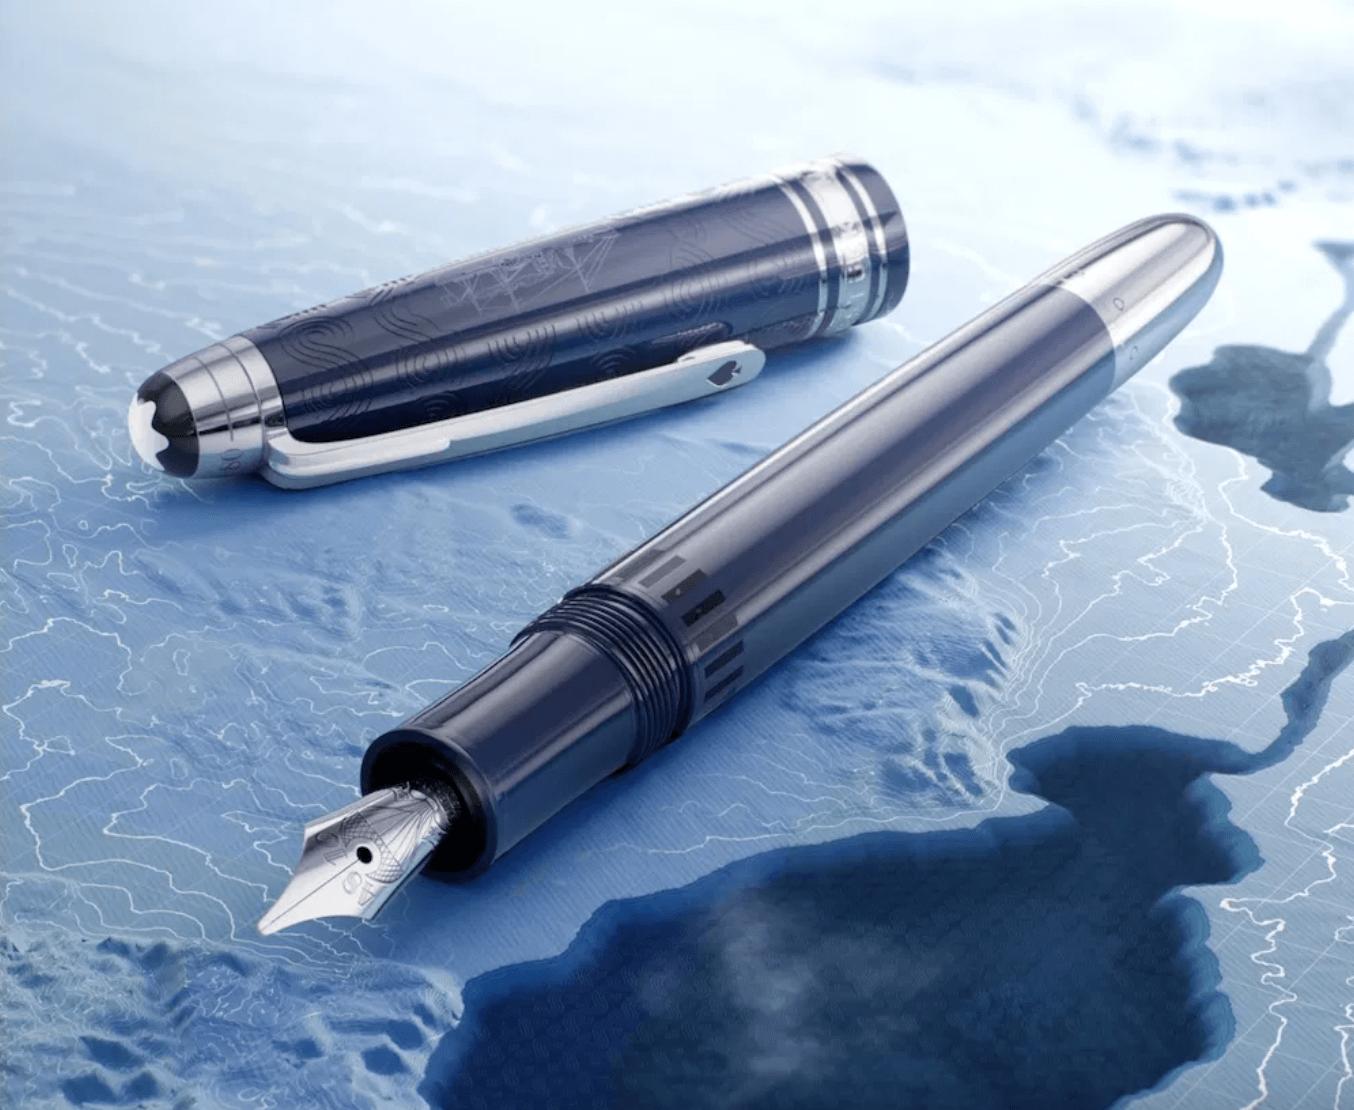 MONTBLANC MEISTERSTUCK kalem hakkında bilgi